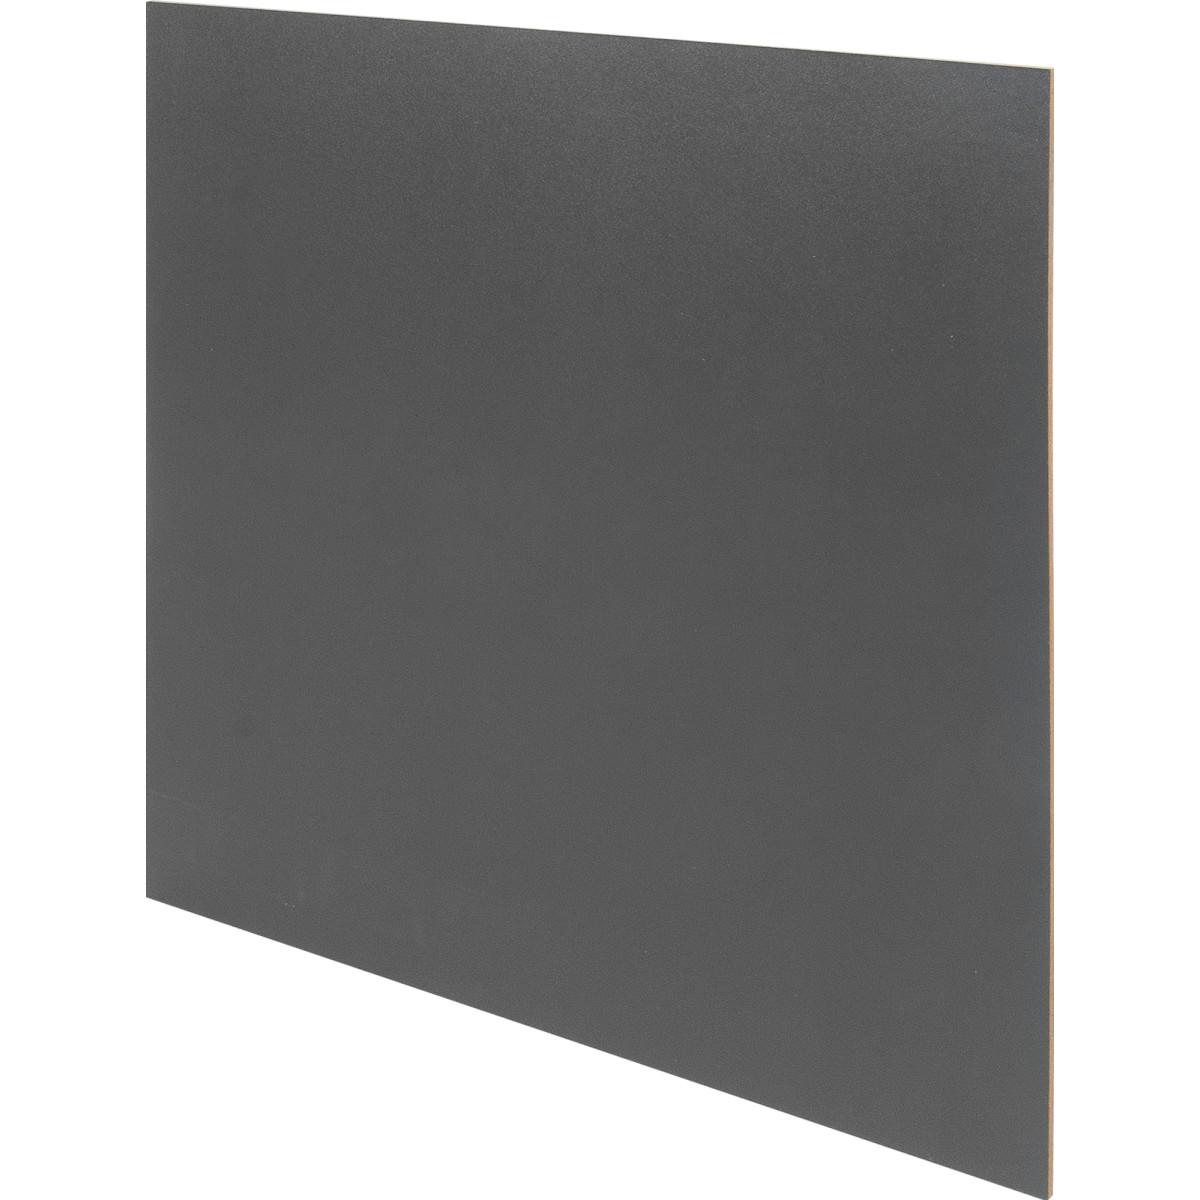 Задняя стенка КУБ 34.5x34.5 см цвет графит 4 шт